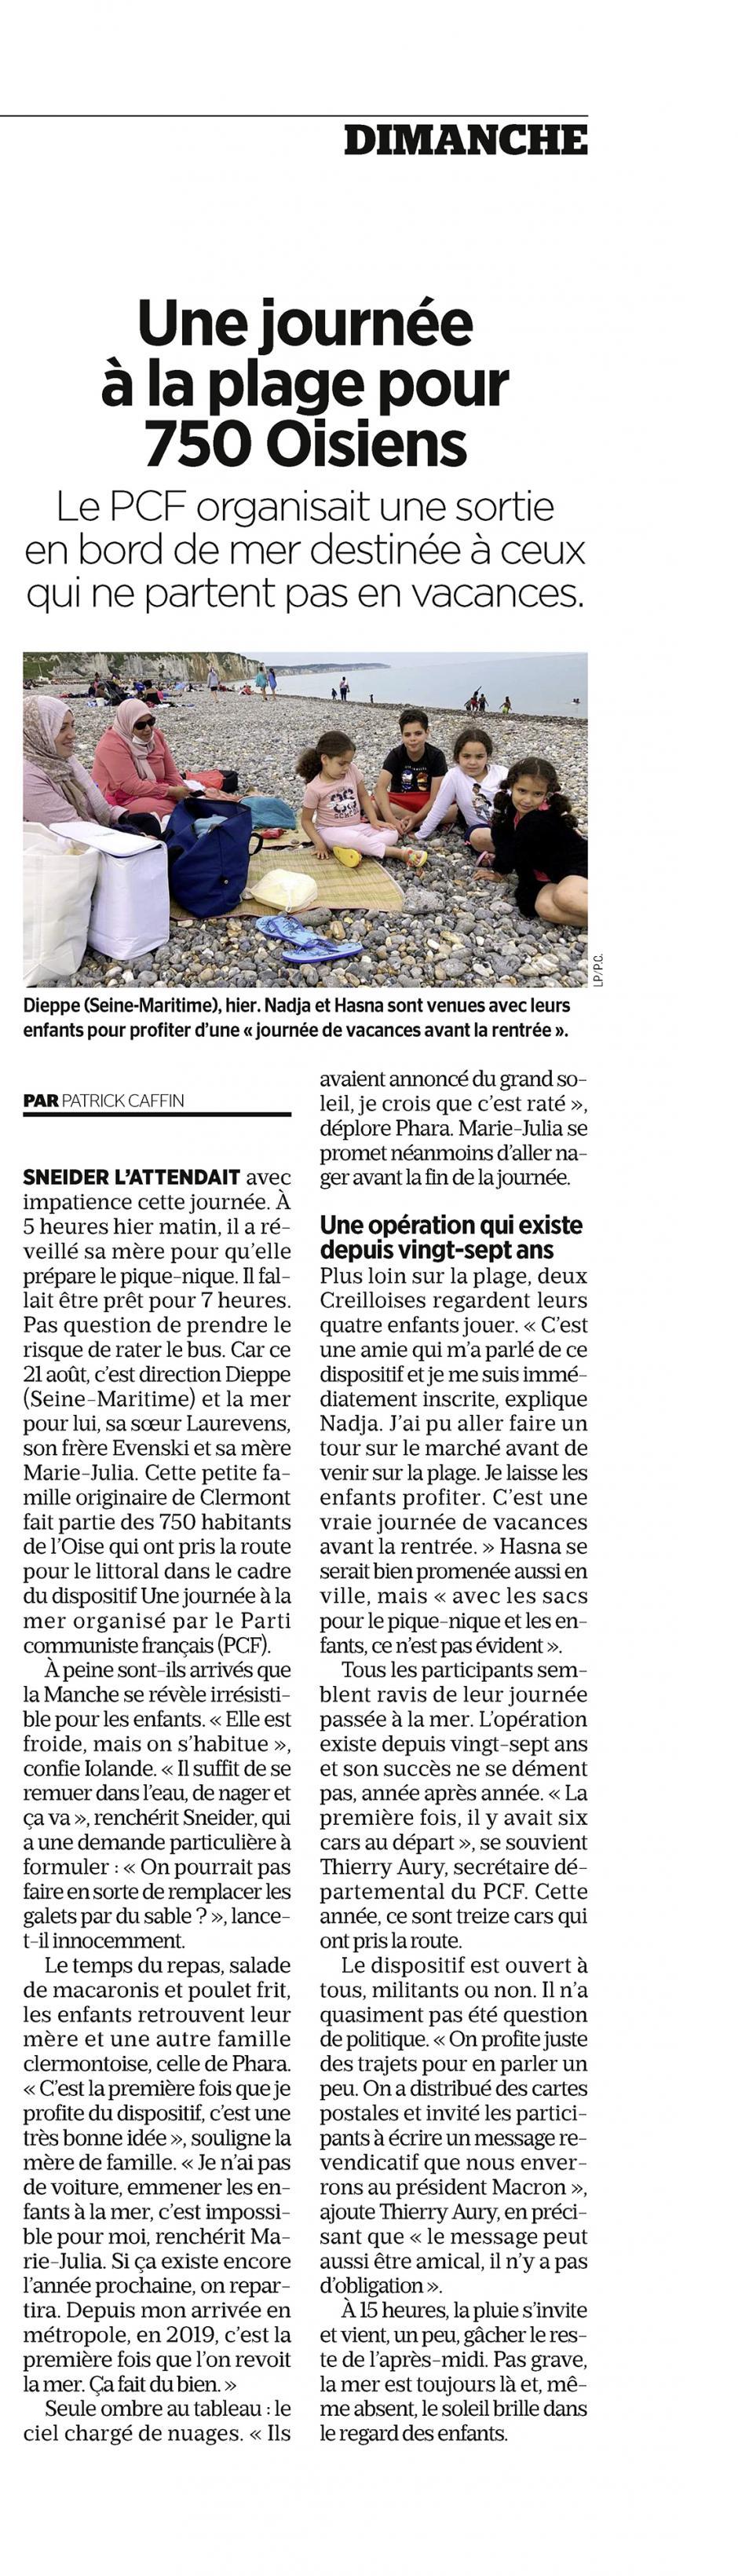 20210822-LeP-Oise-Une journée à la plage pour 750 Oisiens